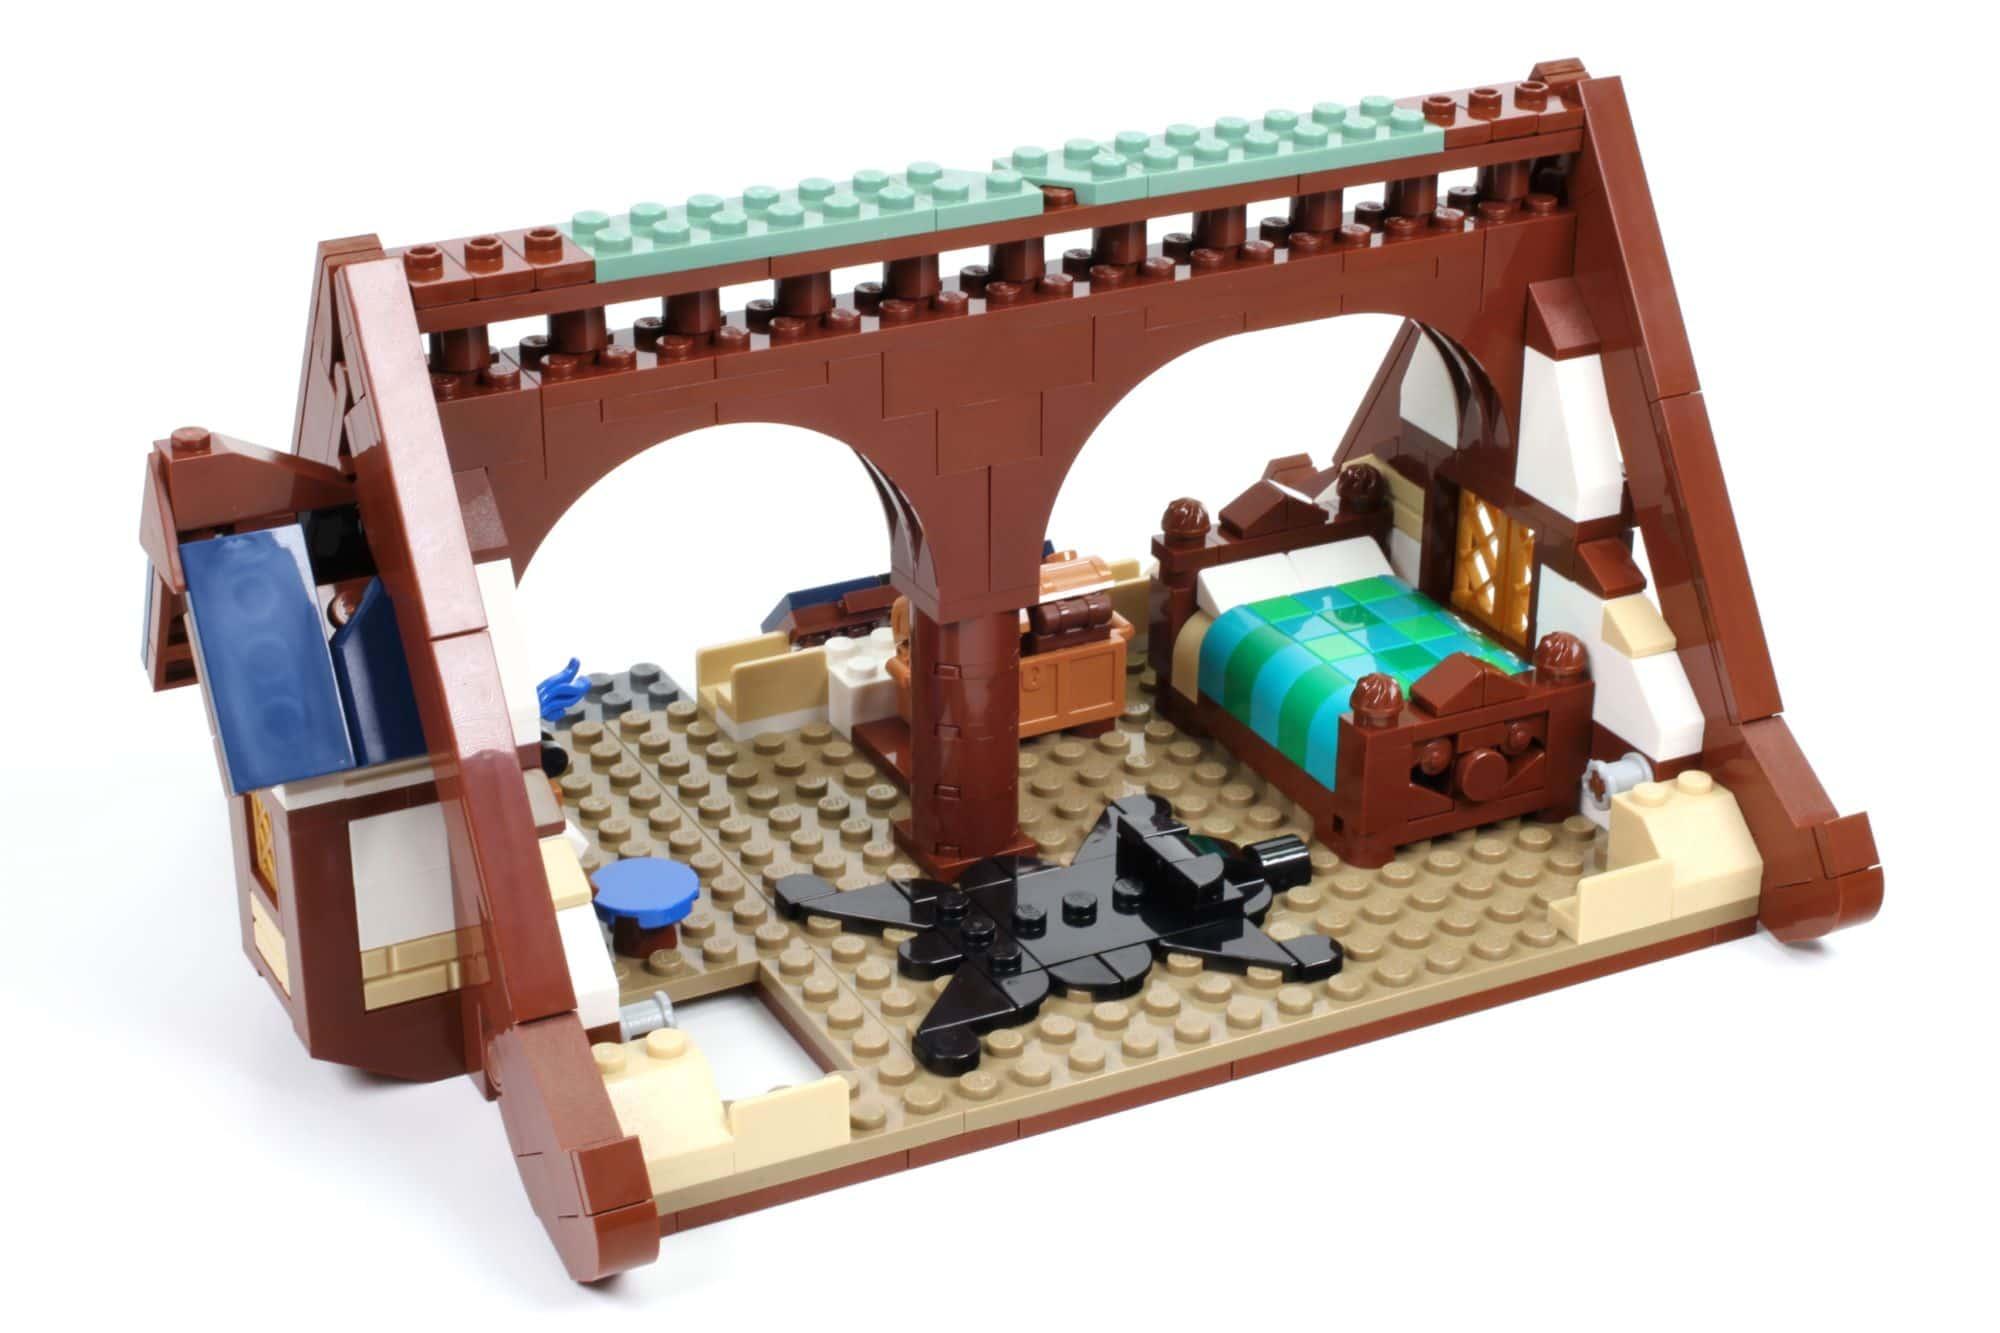 LEGO Ideas 21325 Mittelalterliche Schmiede Bauabschnitt 11 1